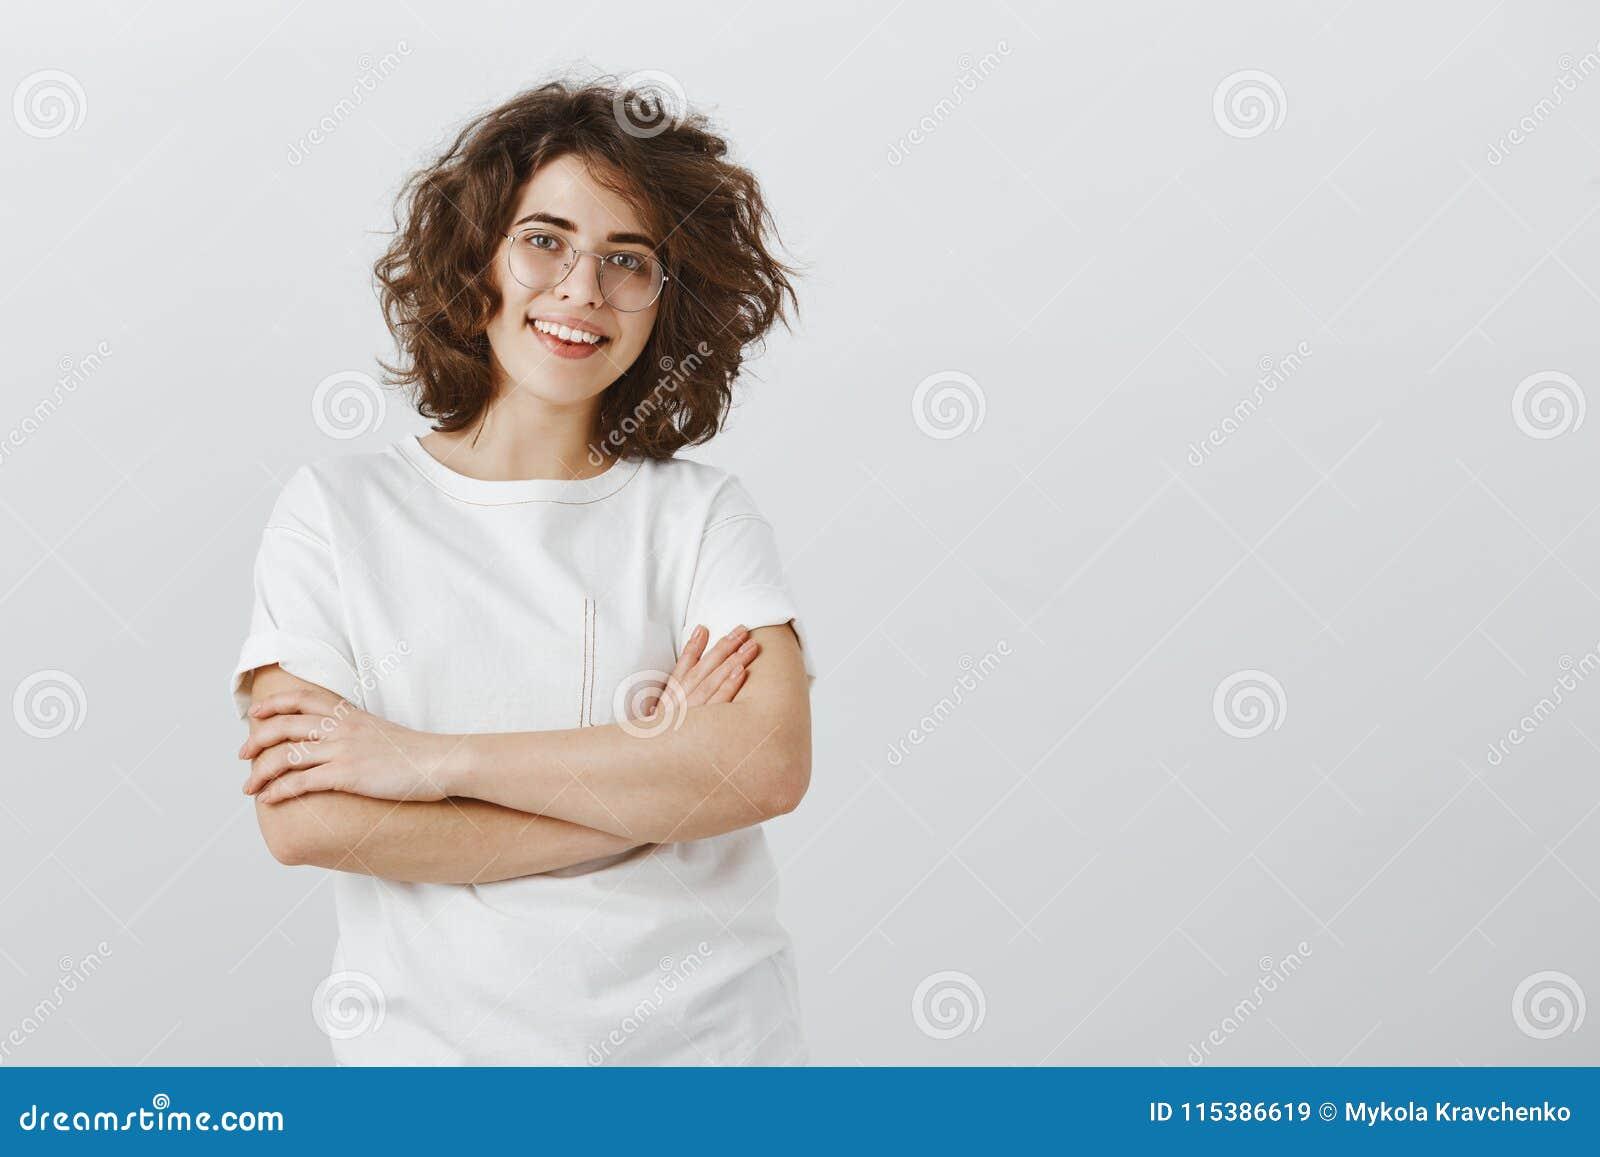 La muchacha le gusta trabajar en equipo Compañero de trabajo amistoso alegre en vidrios de moda con el pelo rizado corto, llevand